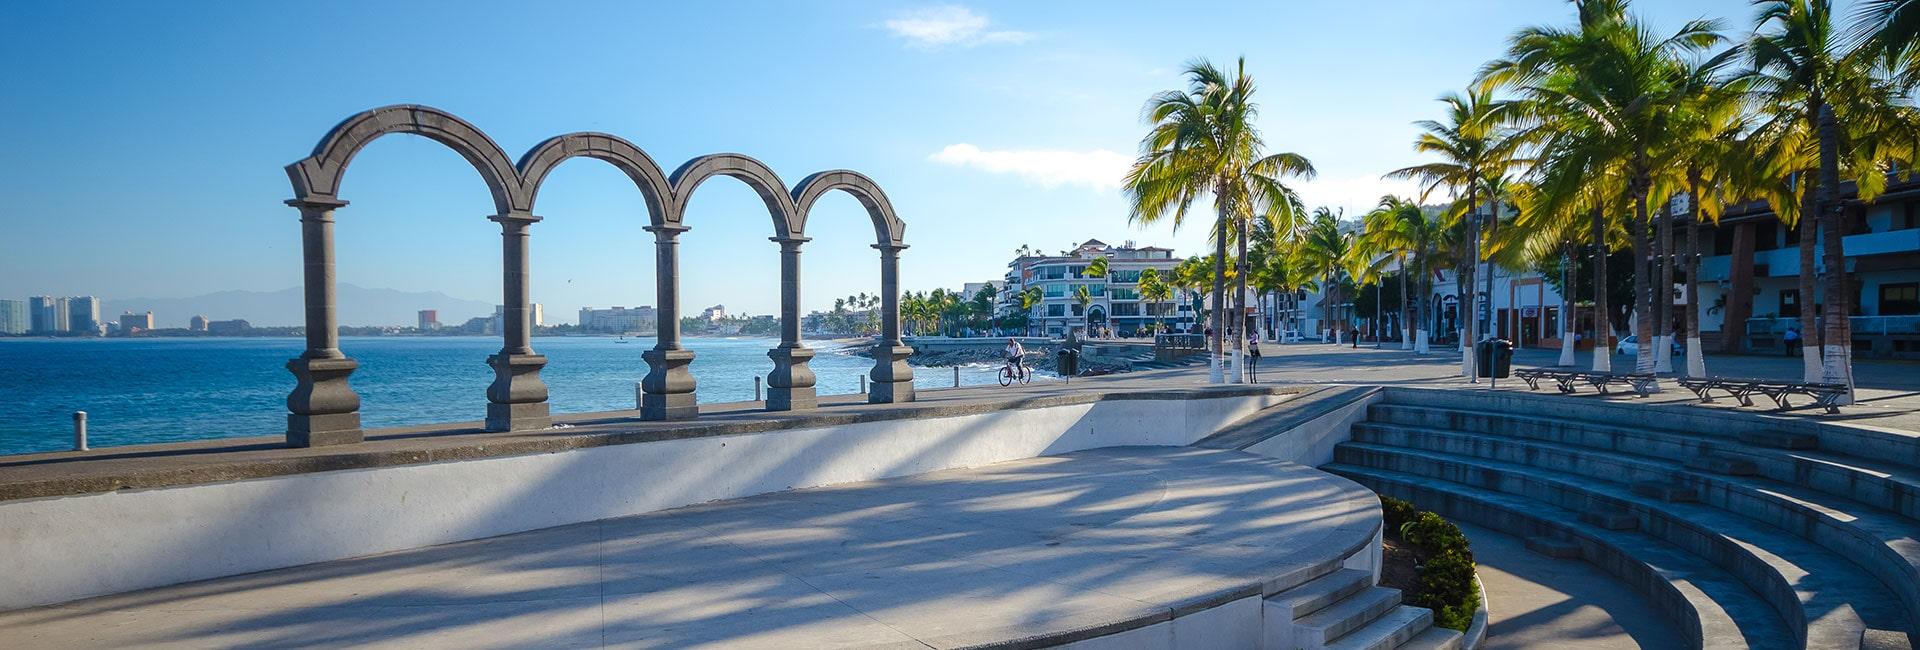 Puerto vallarta shut down